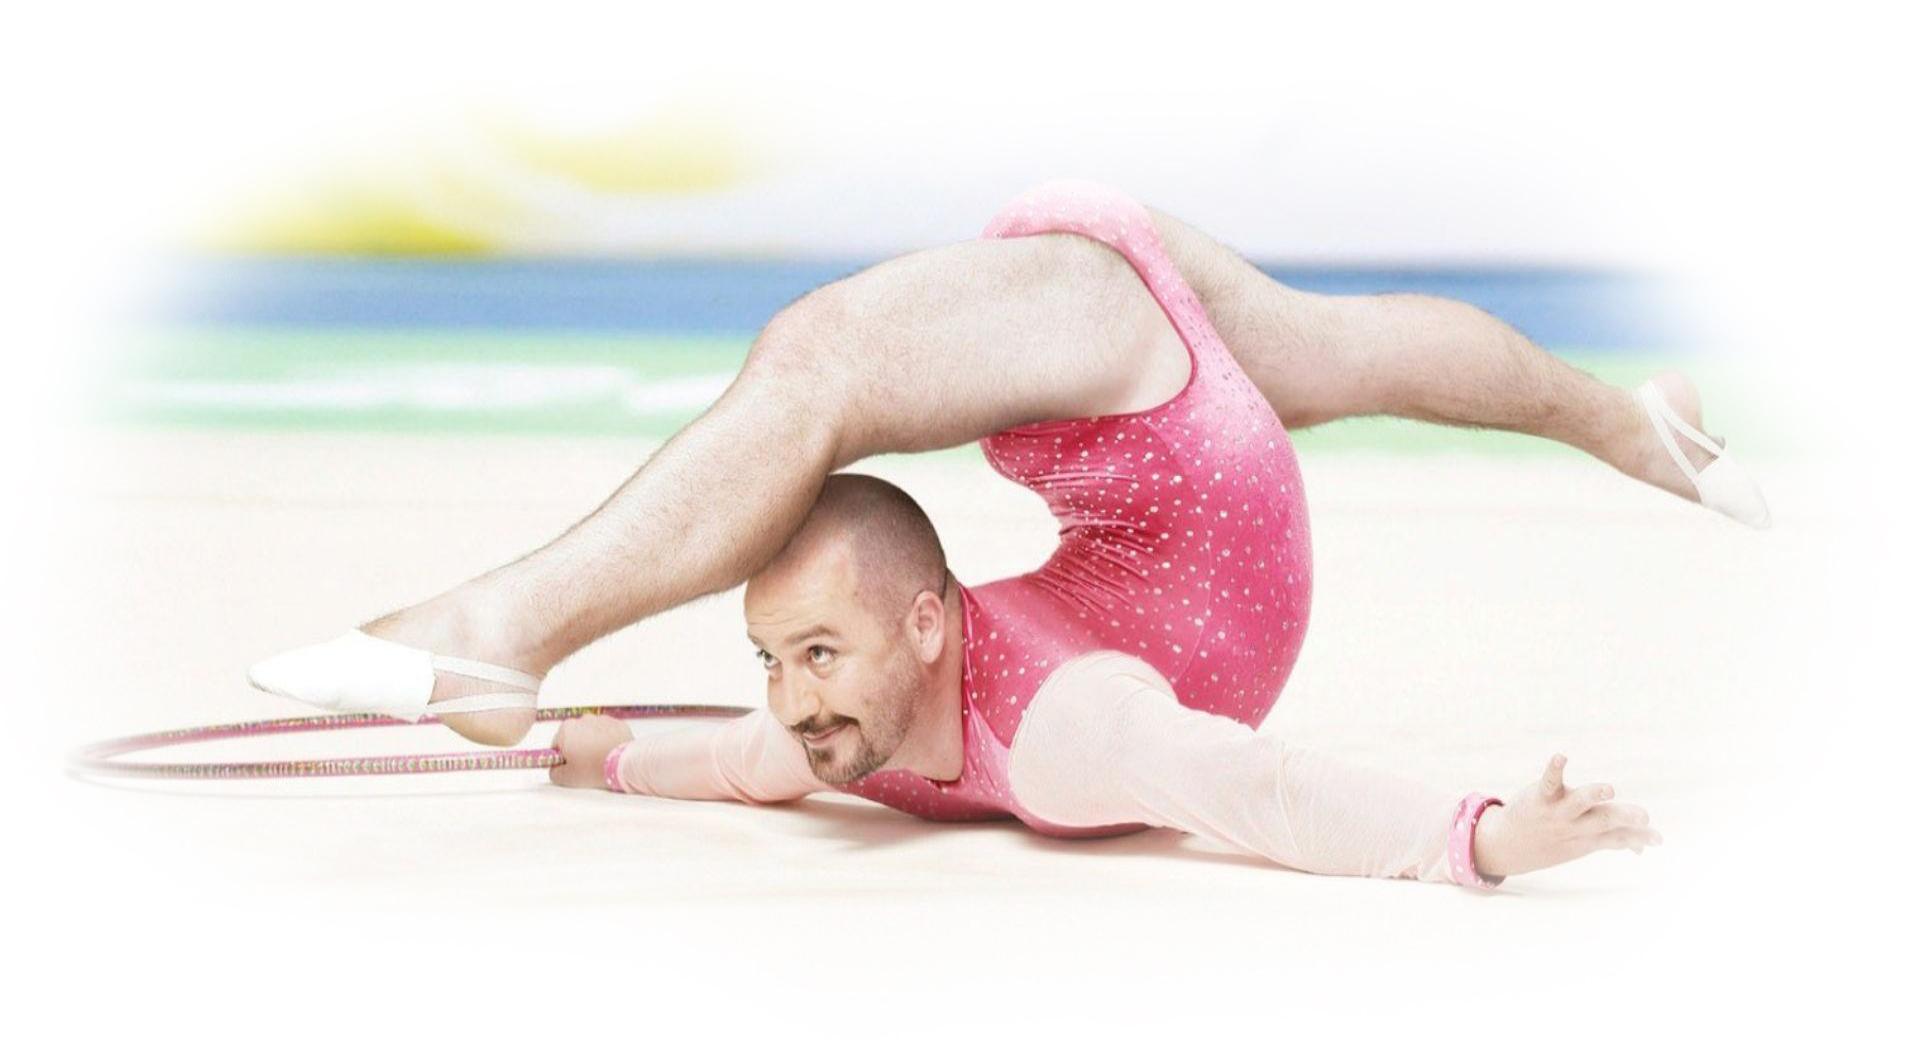 Ломаем стереотипы: мужчины в художественной гимнастике